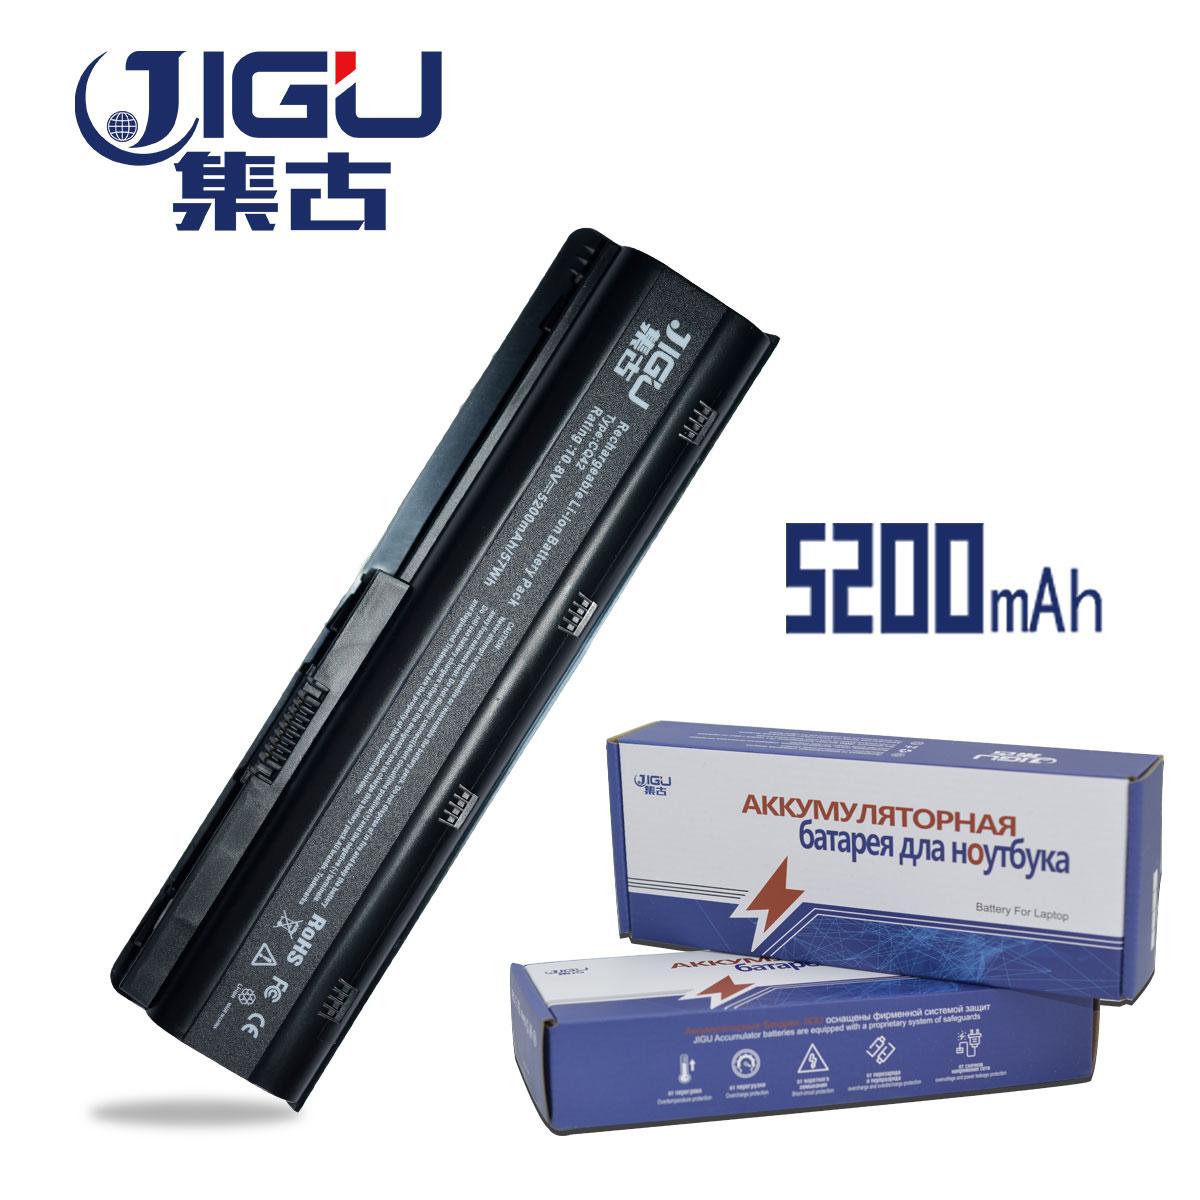 JIGU Batterie D'ordinateur Portable Pour HP Pavilion DM4 DV3 DV6 G32 DV7 G62 DV5 G56 G72 Pour COMPAQ Presario CQ32 CQ42 CQ56 CQ62 CQ630 CQ72 MU06